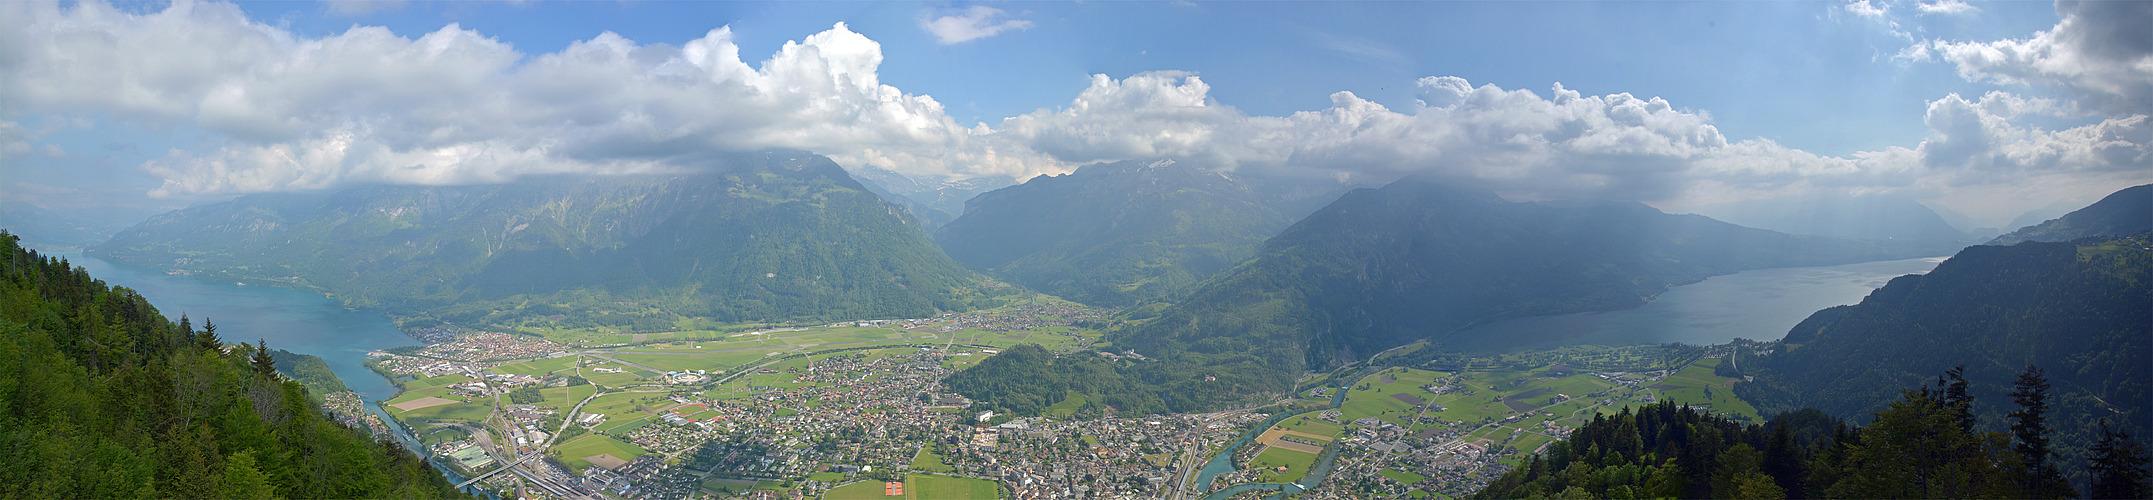 Zwischen den Seen - Interlaken -